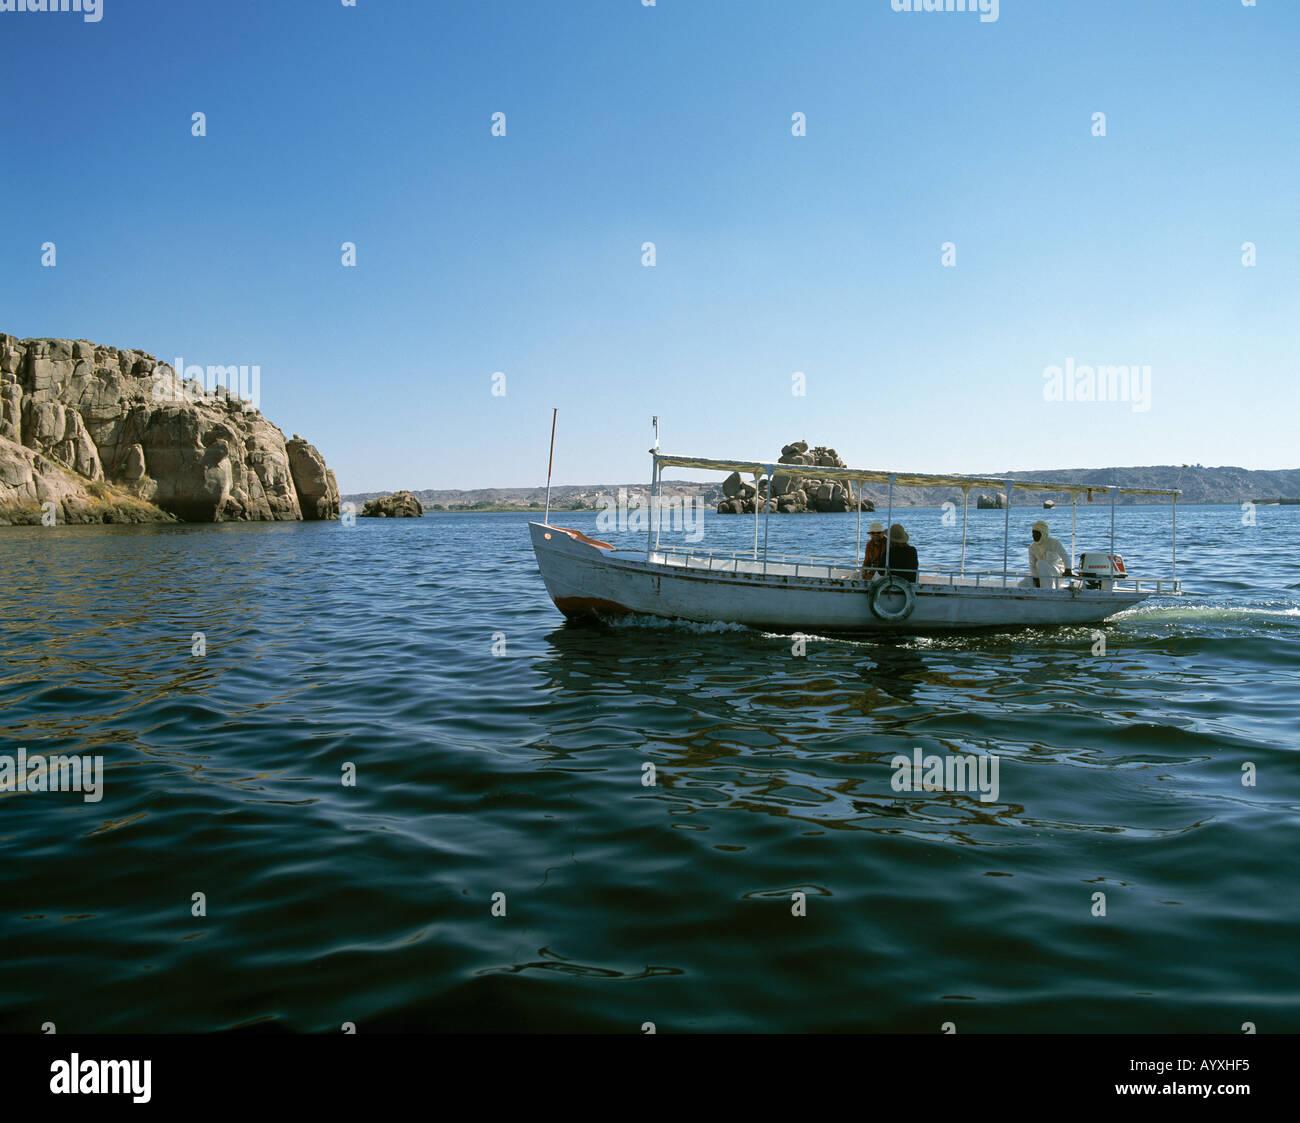 Felsenlandschaft am Nil, Nillandschaft, Touristenboot, Philae, Oberaegypten Stock Photo